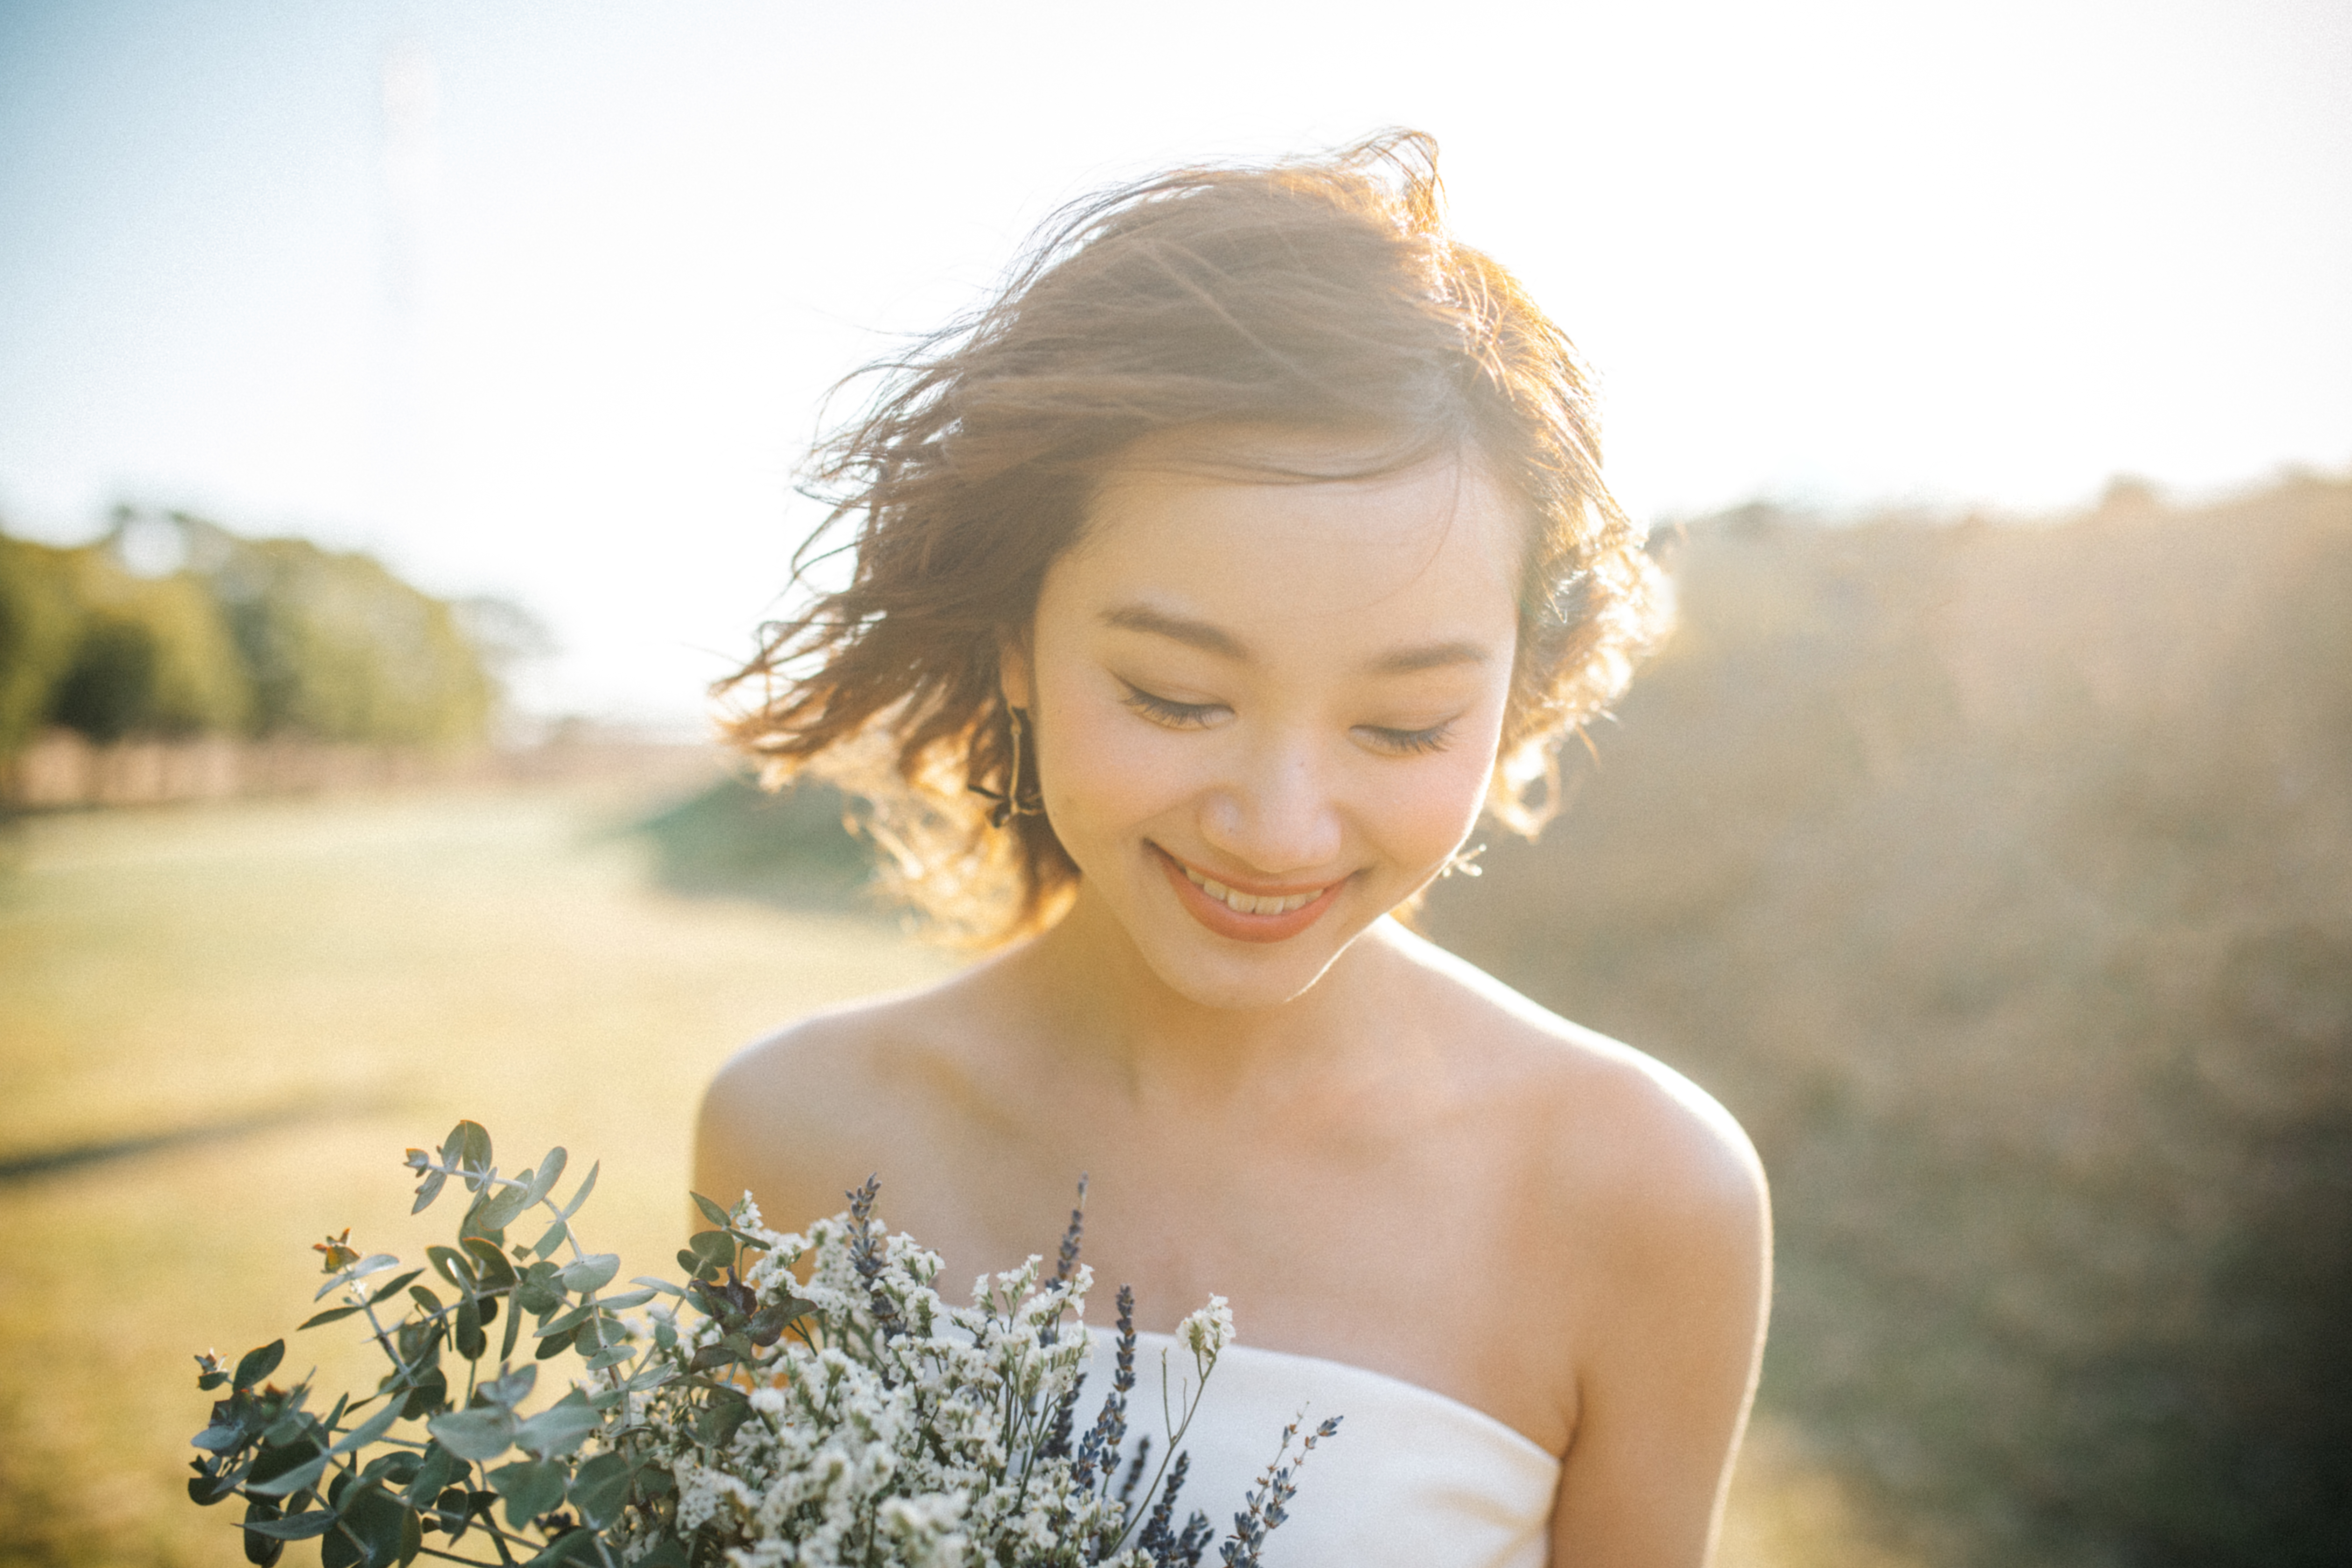 結婚式をするか迷っているあななが挙げずに後悔しない為のメッセージ